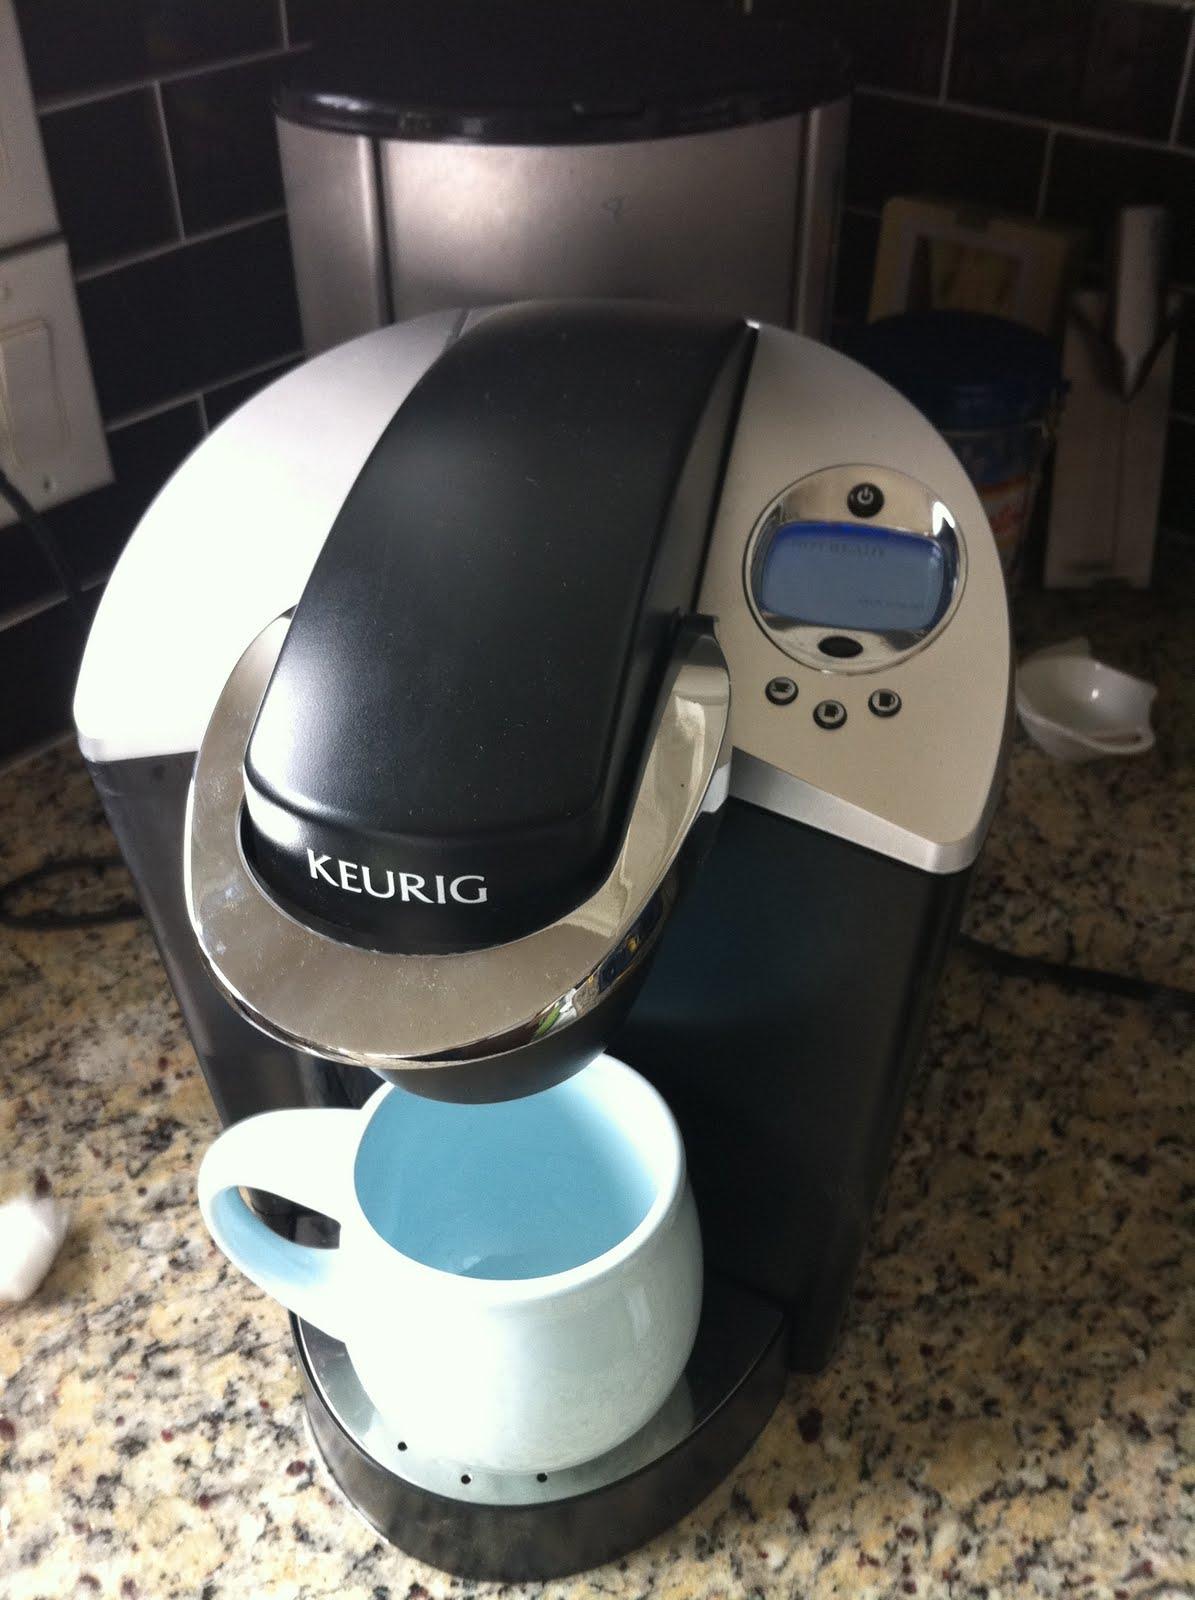 Fixing my Keurig B60 coffee maker